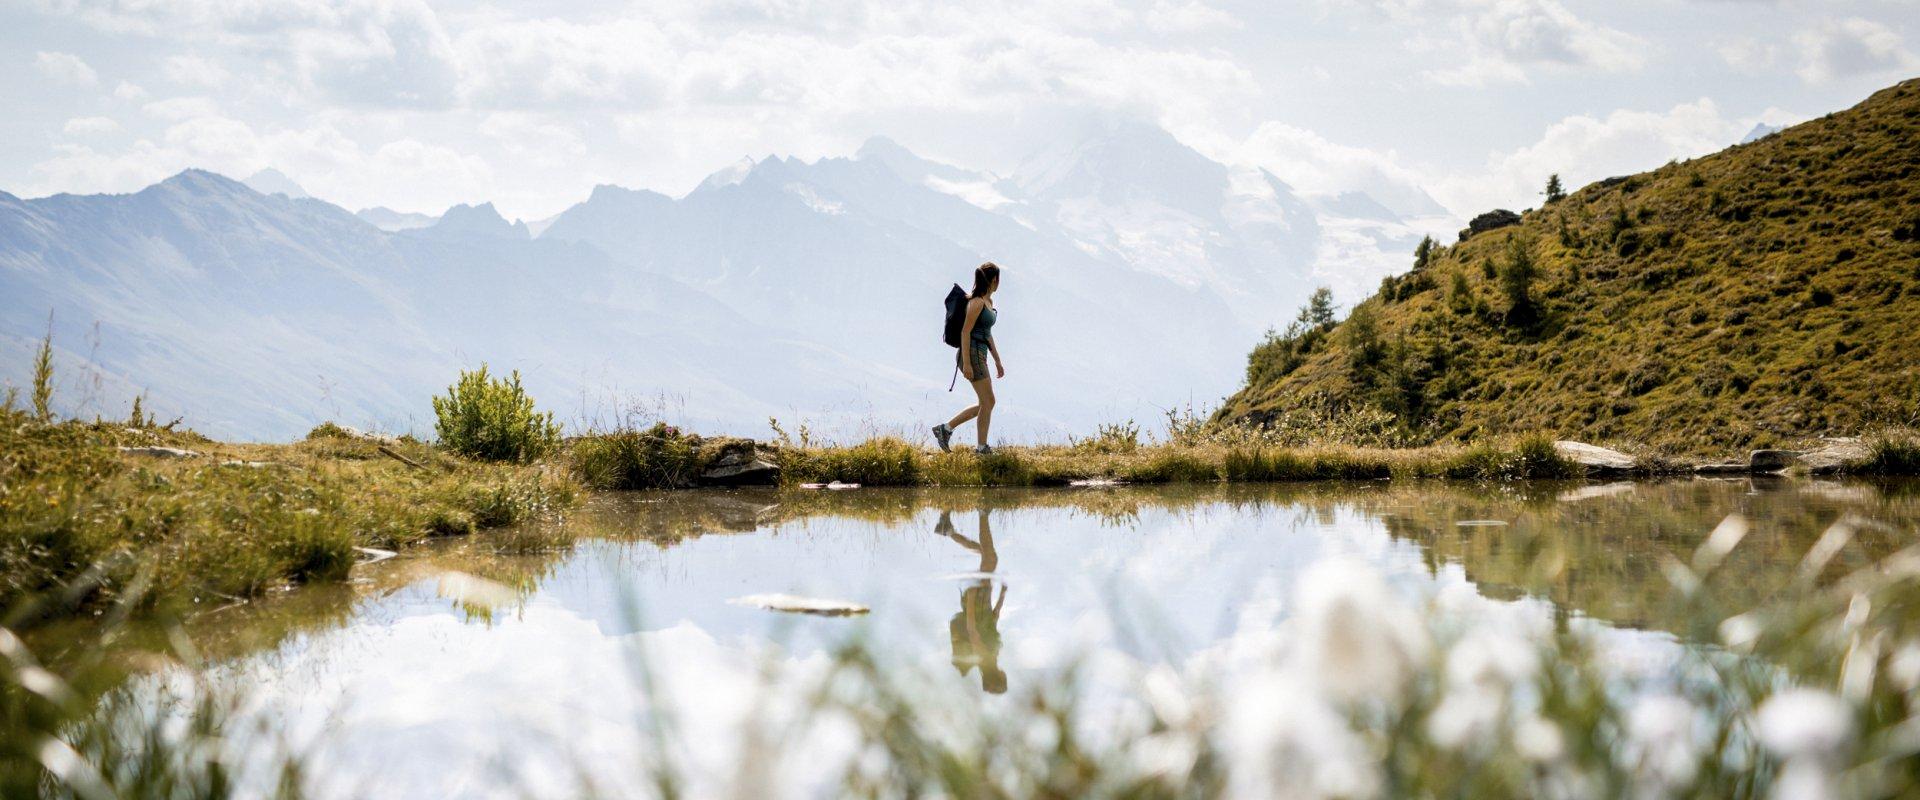 Randonnée dans le Val d'Hérens